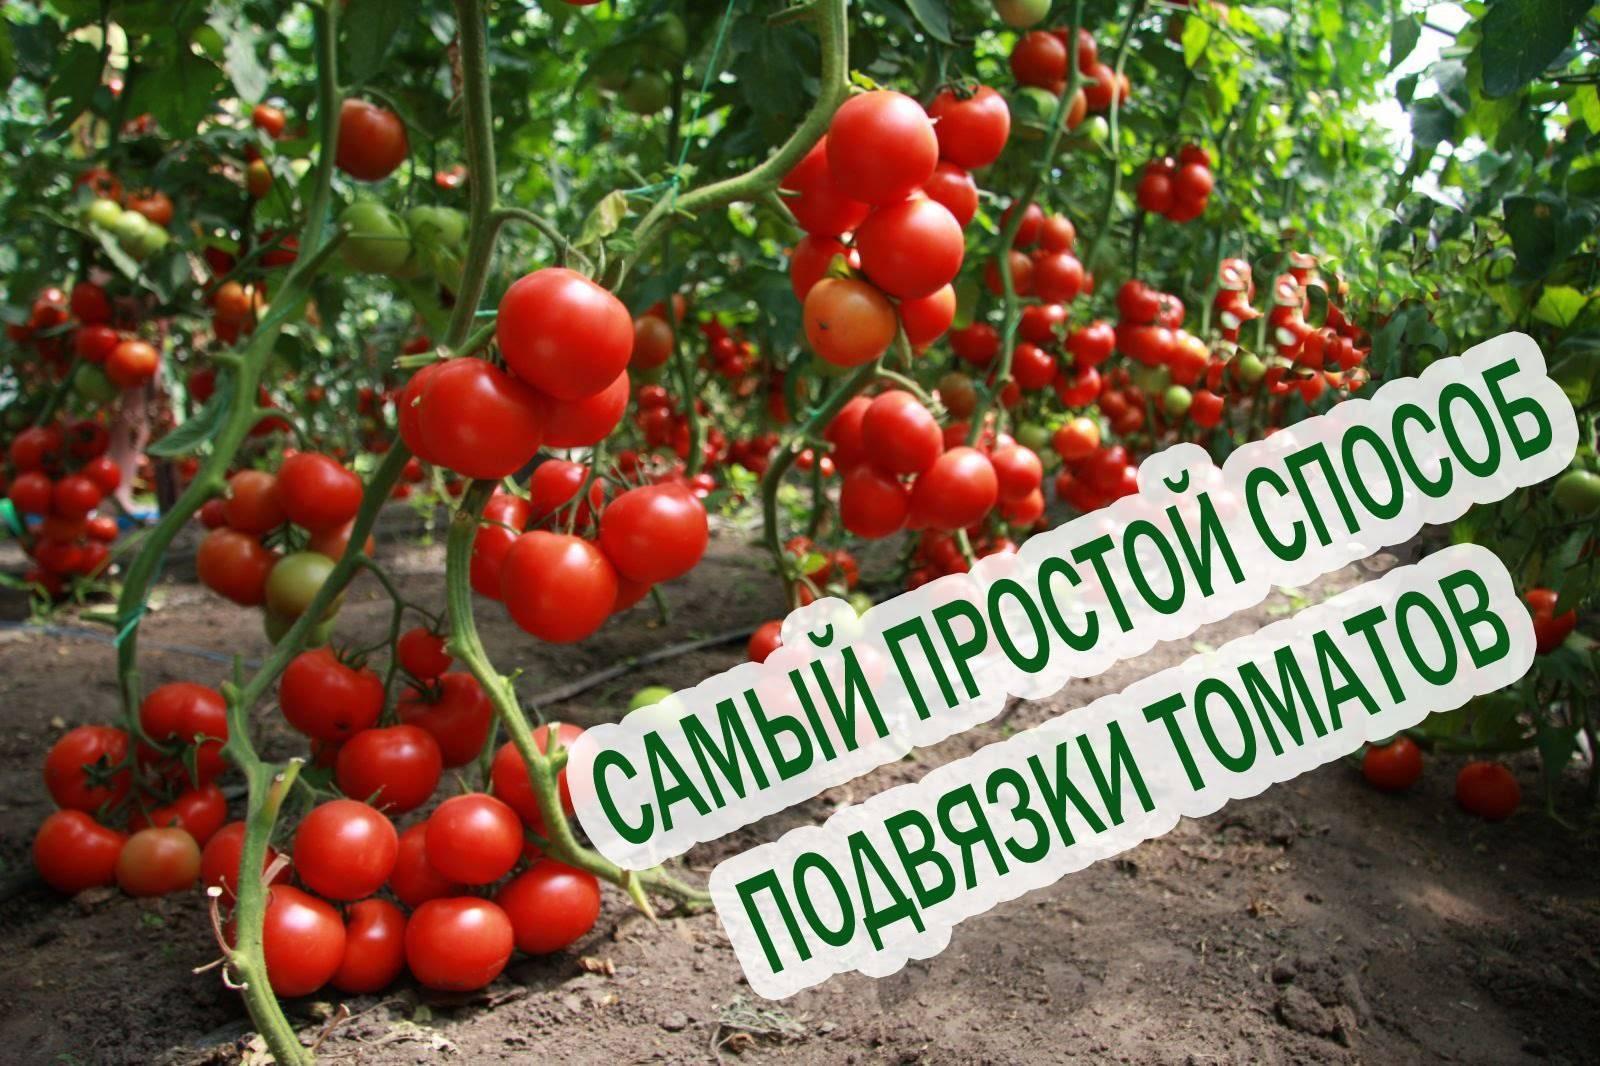 Как подвязывать помидоры в теплице из поликарбоната?